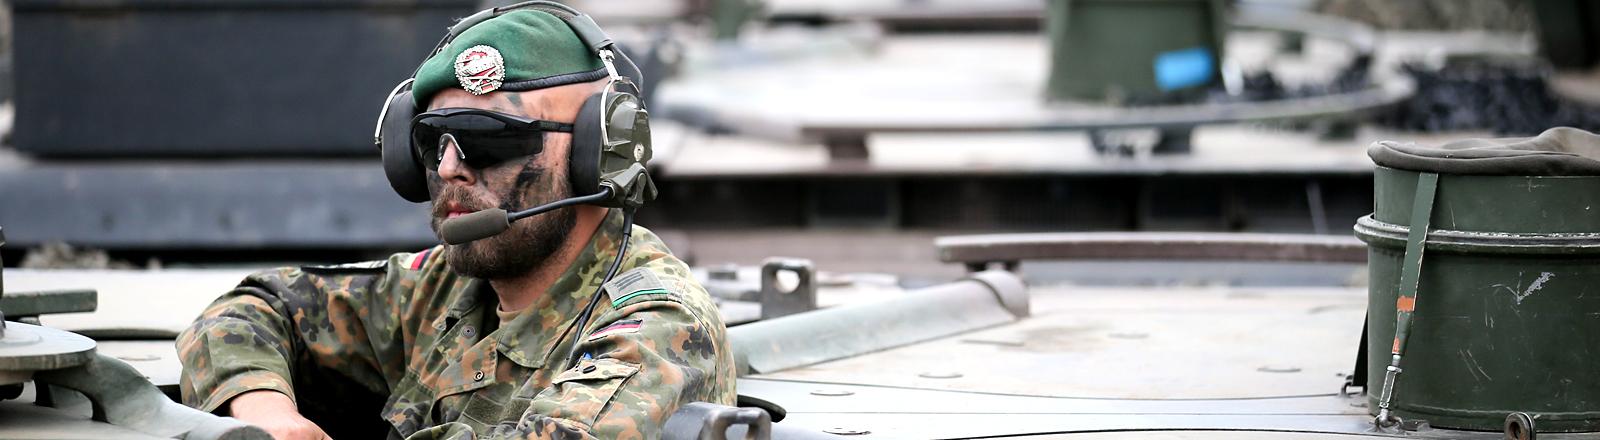 Deutscher Soldat im Panzer